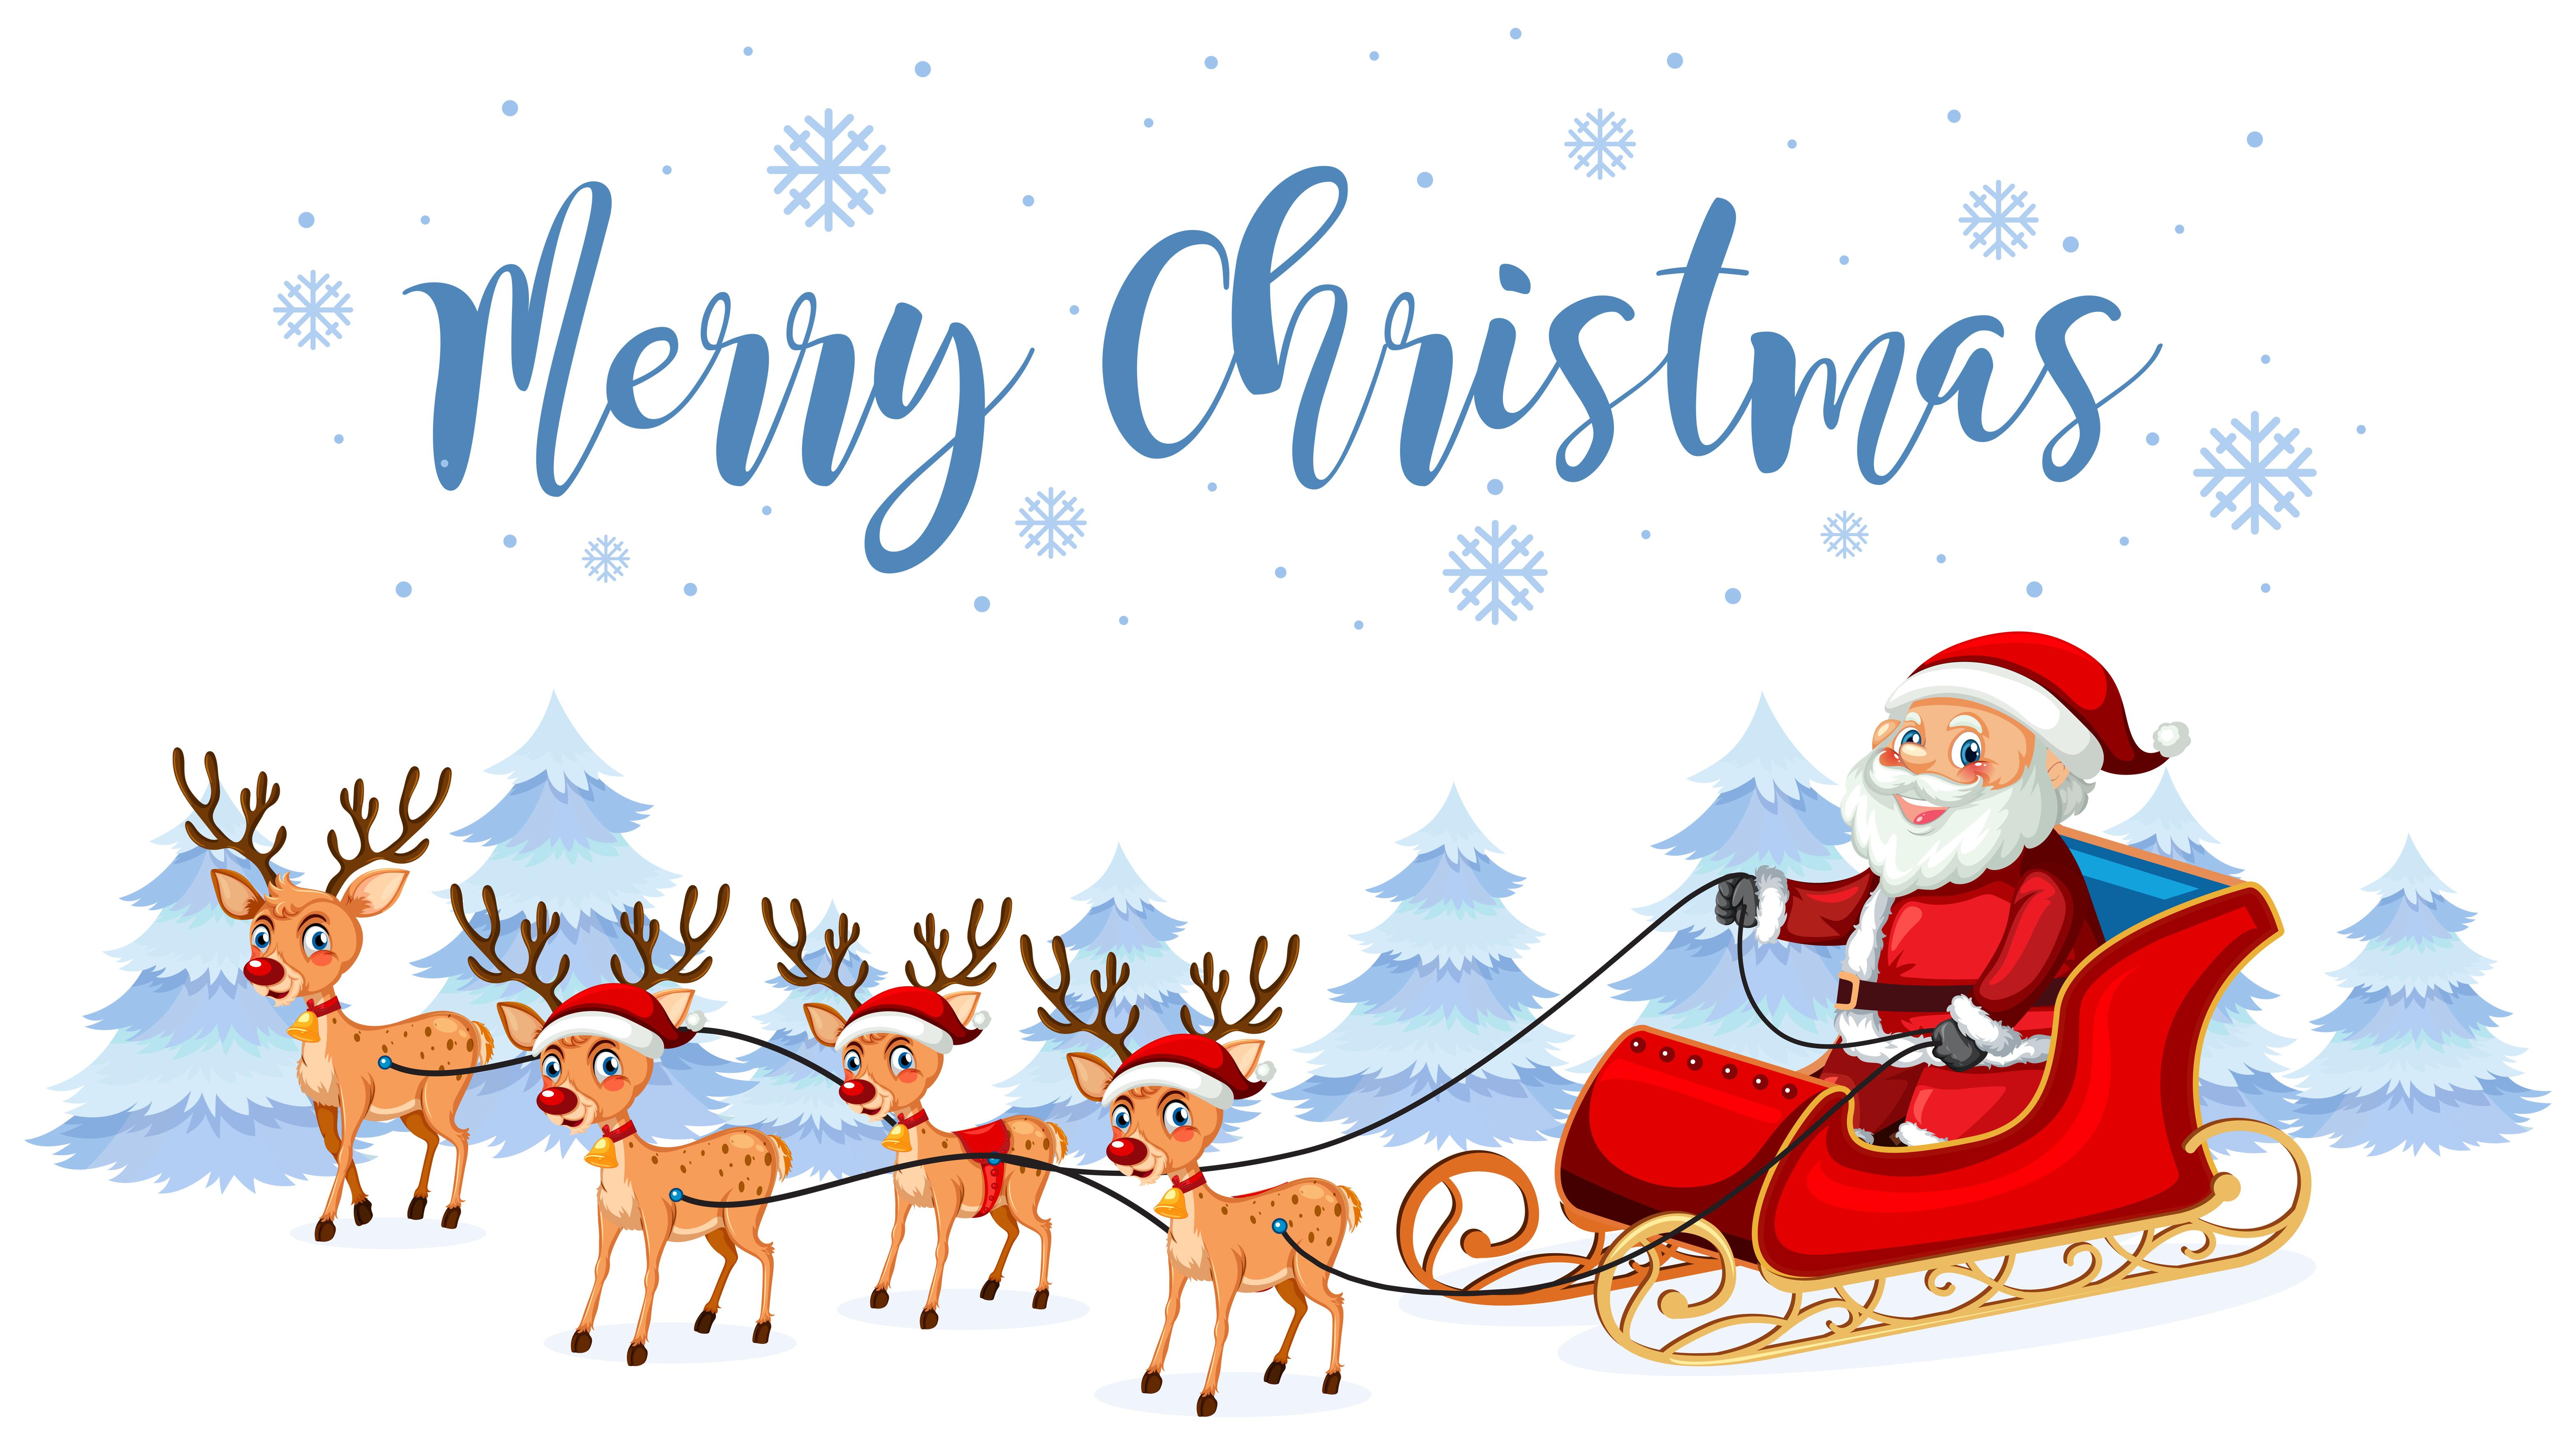 weihnachtsmann frohe weihnachten vorlage - download